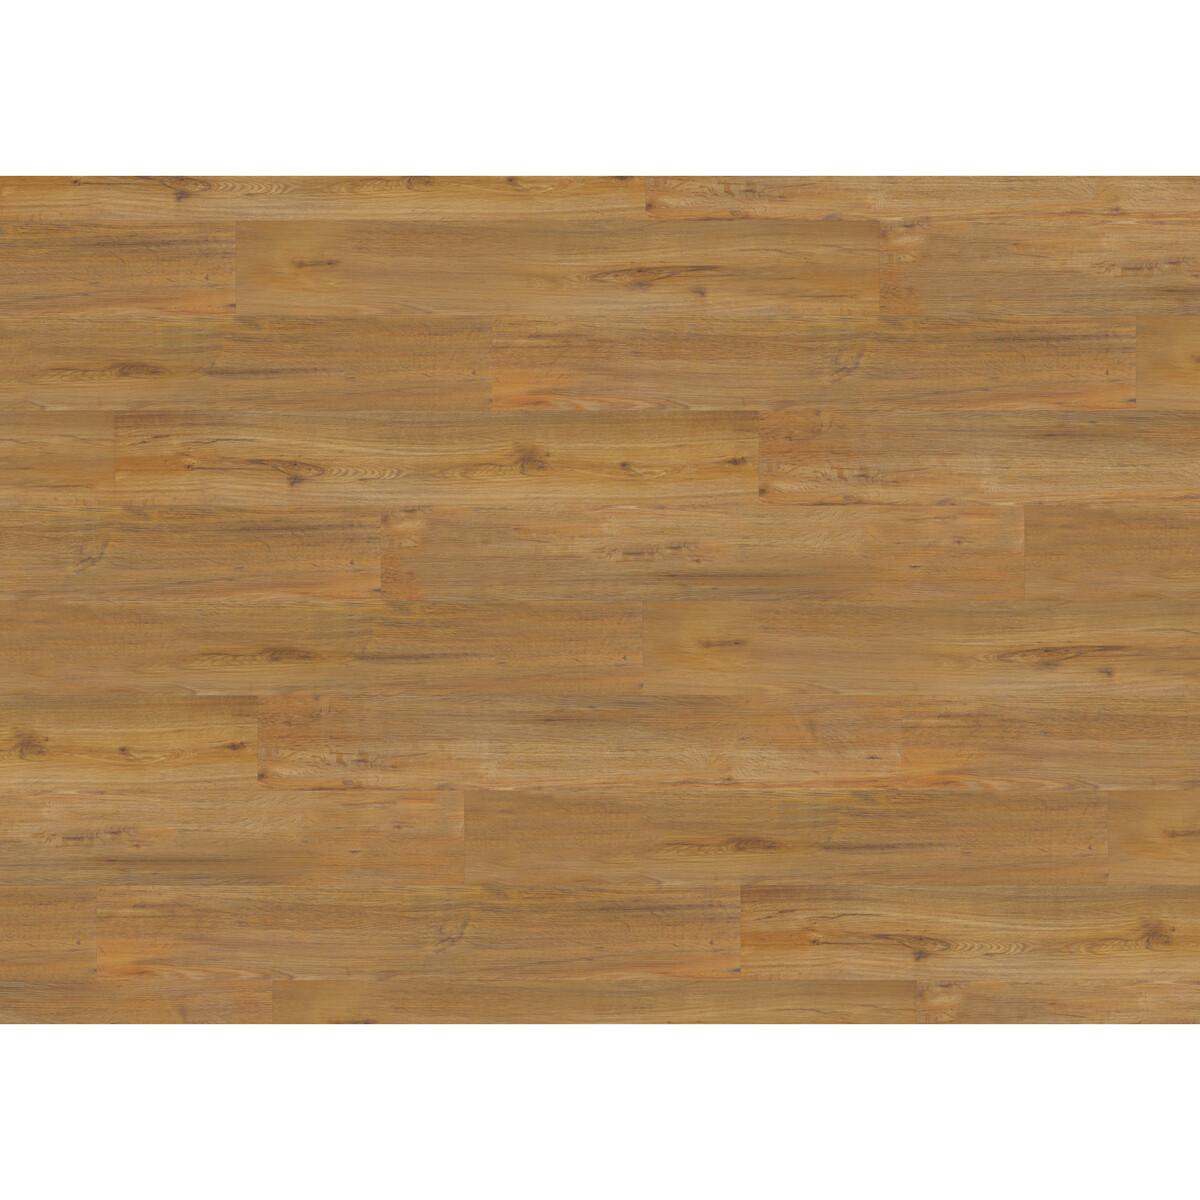 Bild 2 von D-c-floor Vinylboden 'Rigid' Golden Oak 4 mm